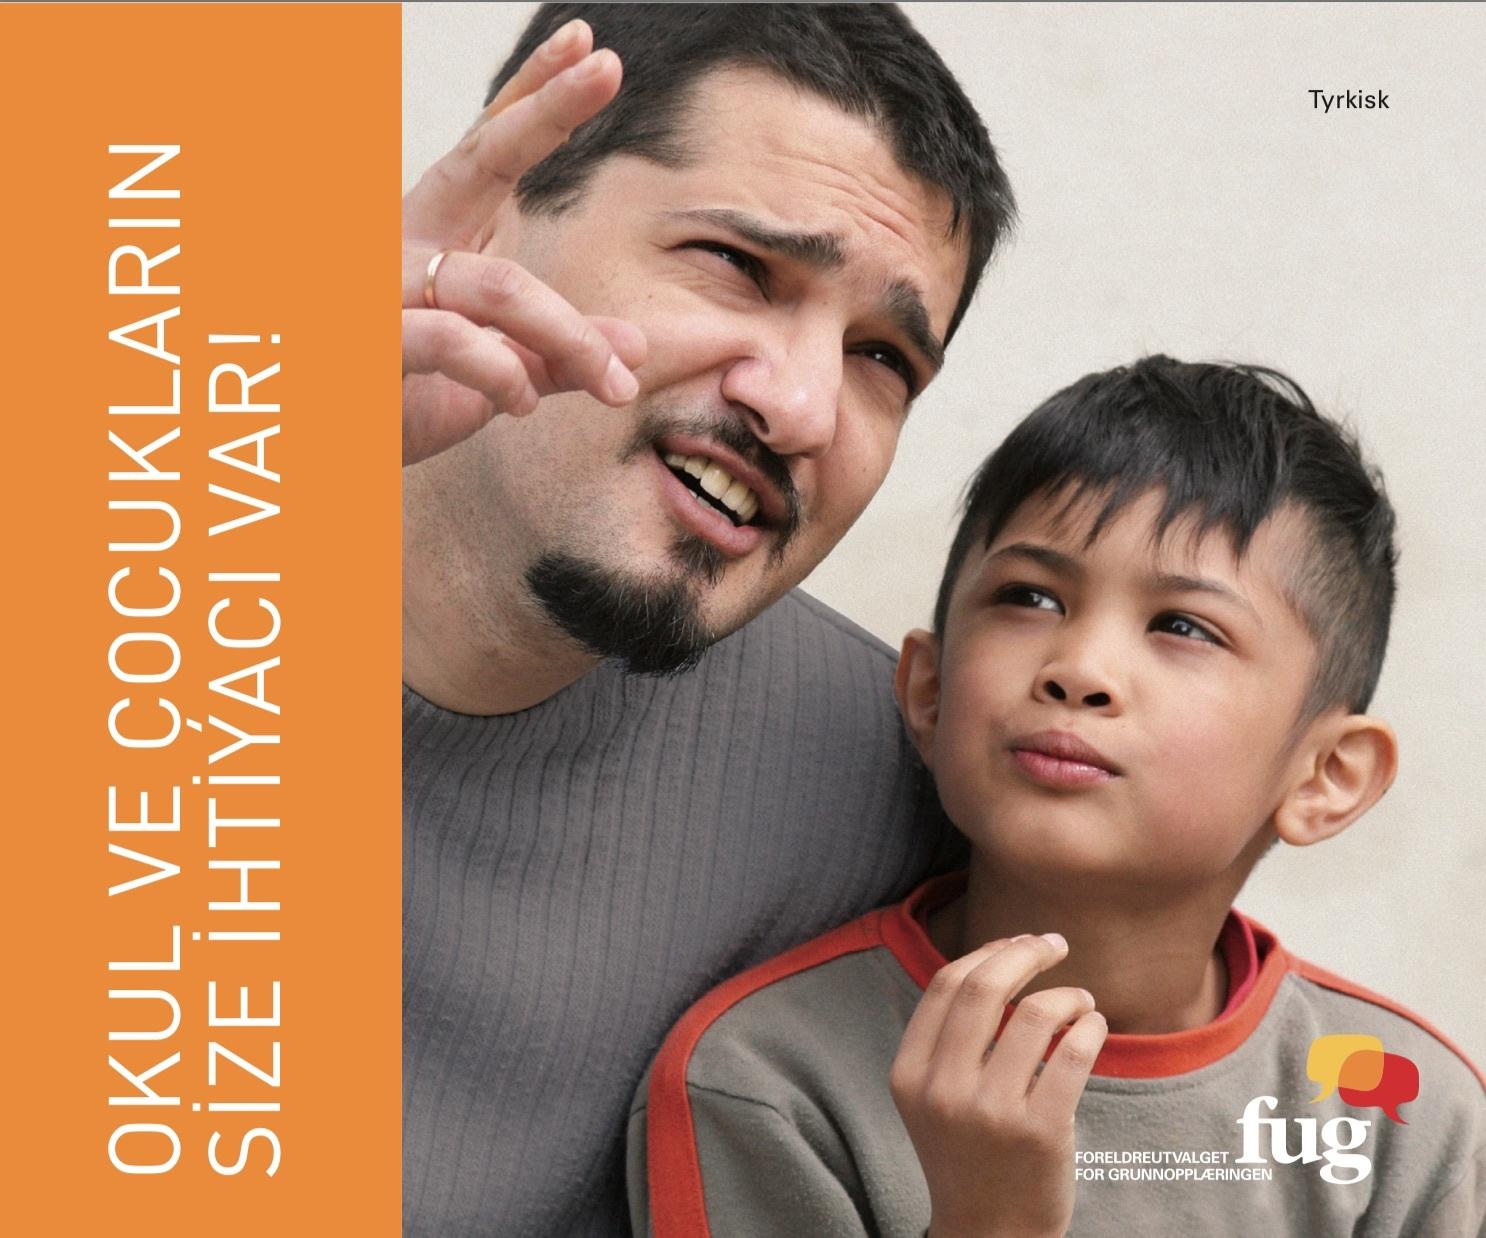 Barna og skolen trenger deg tyrkisk